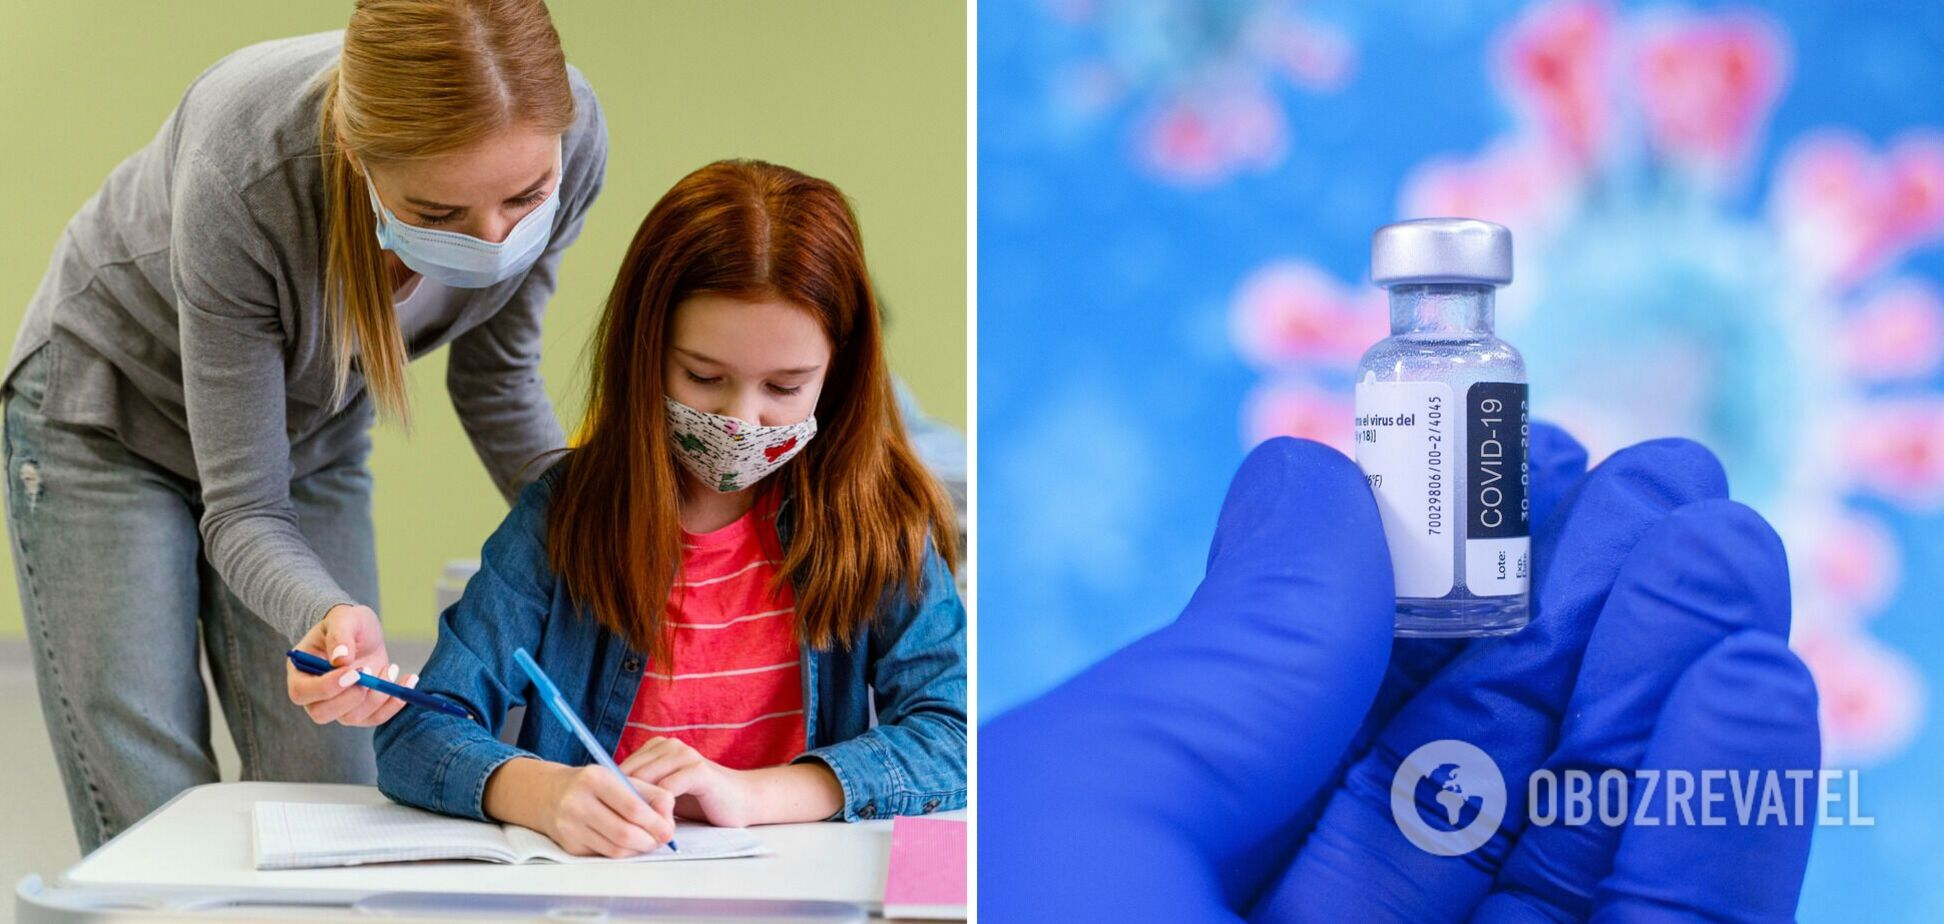 Рівень вакцинації співробітників шкіл зростає, але повільно